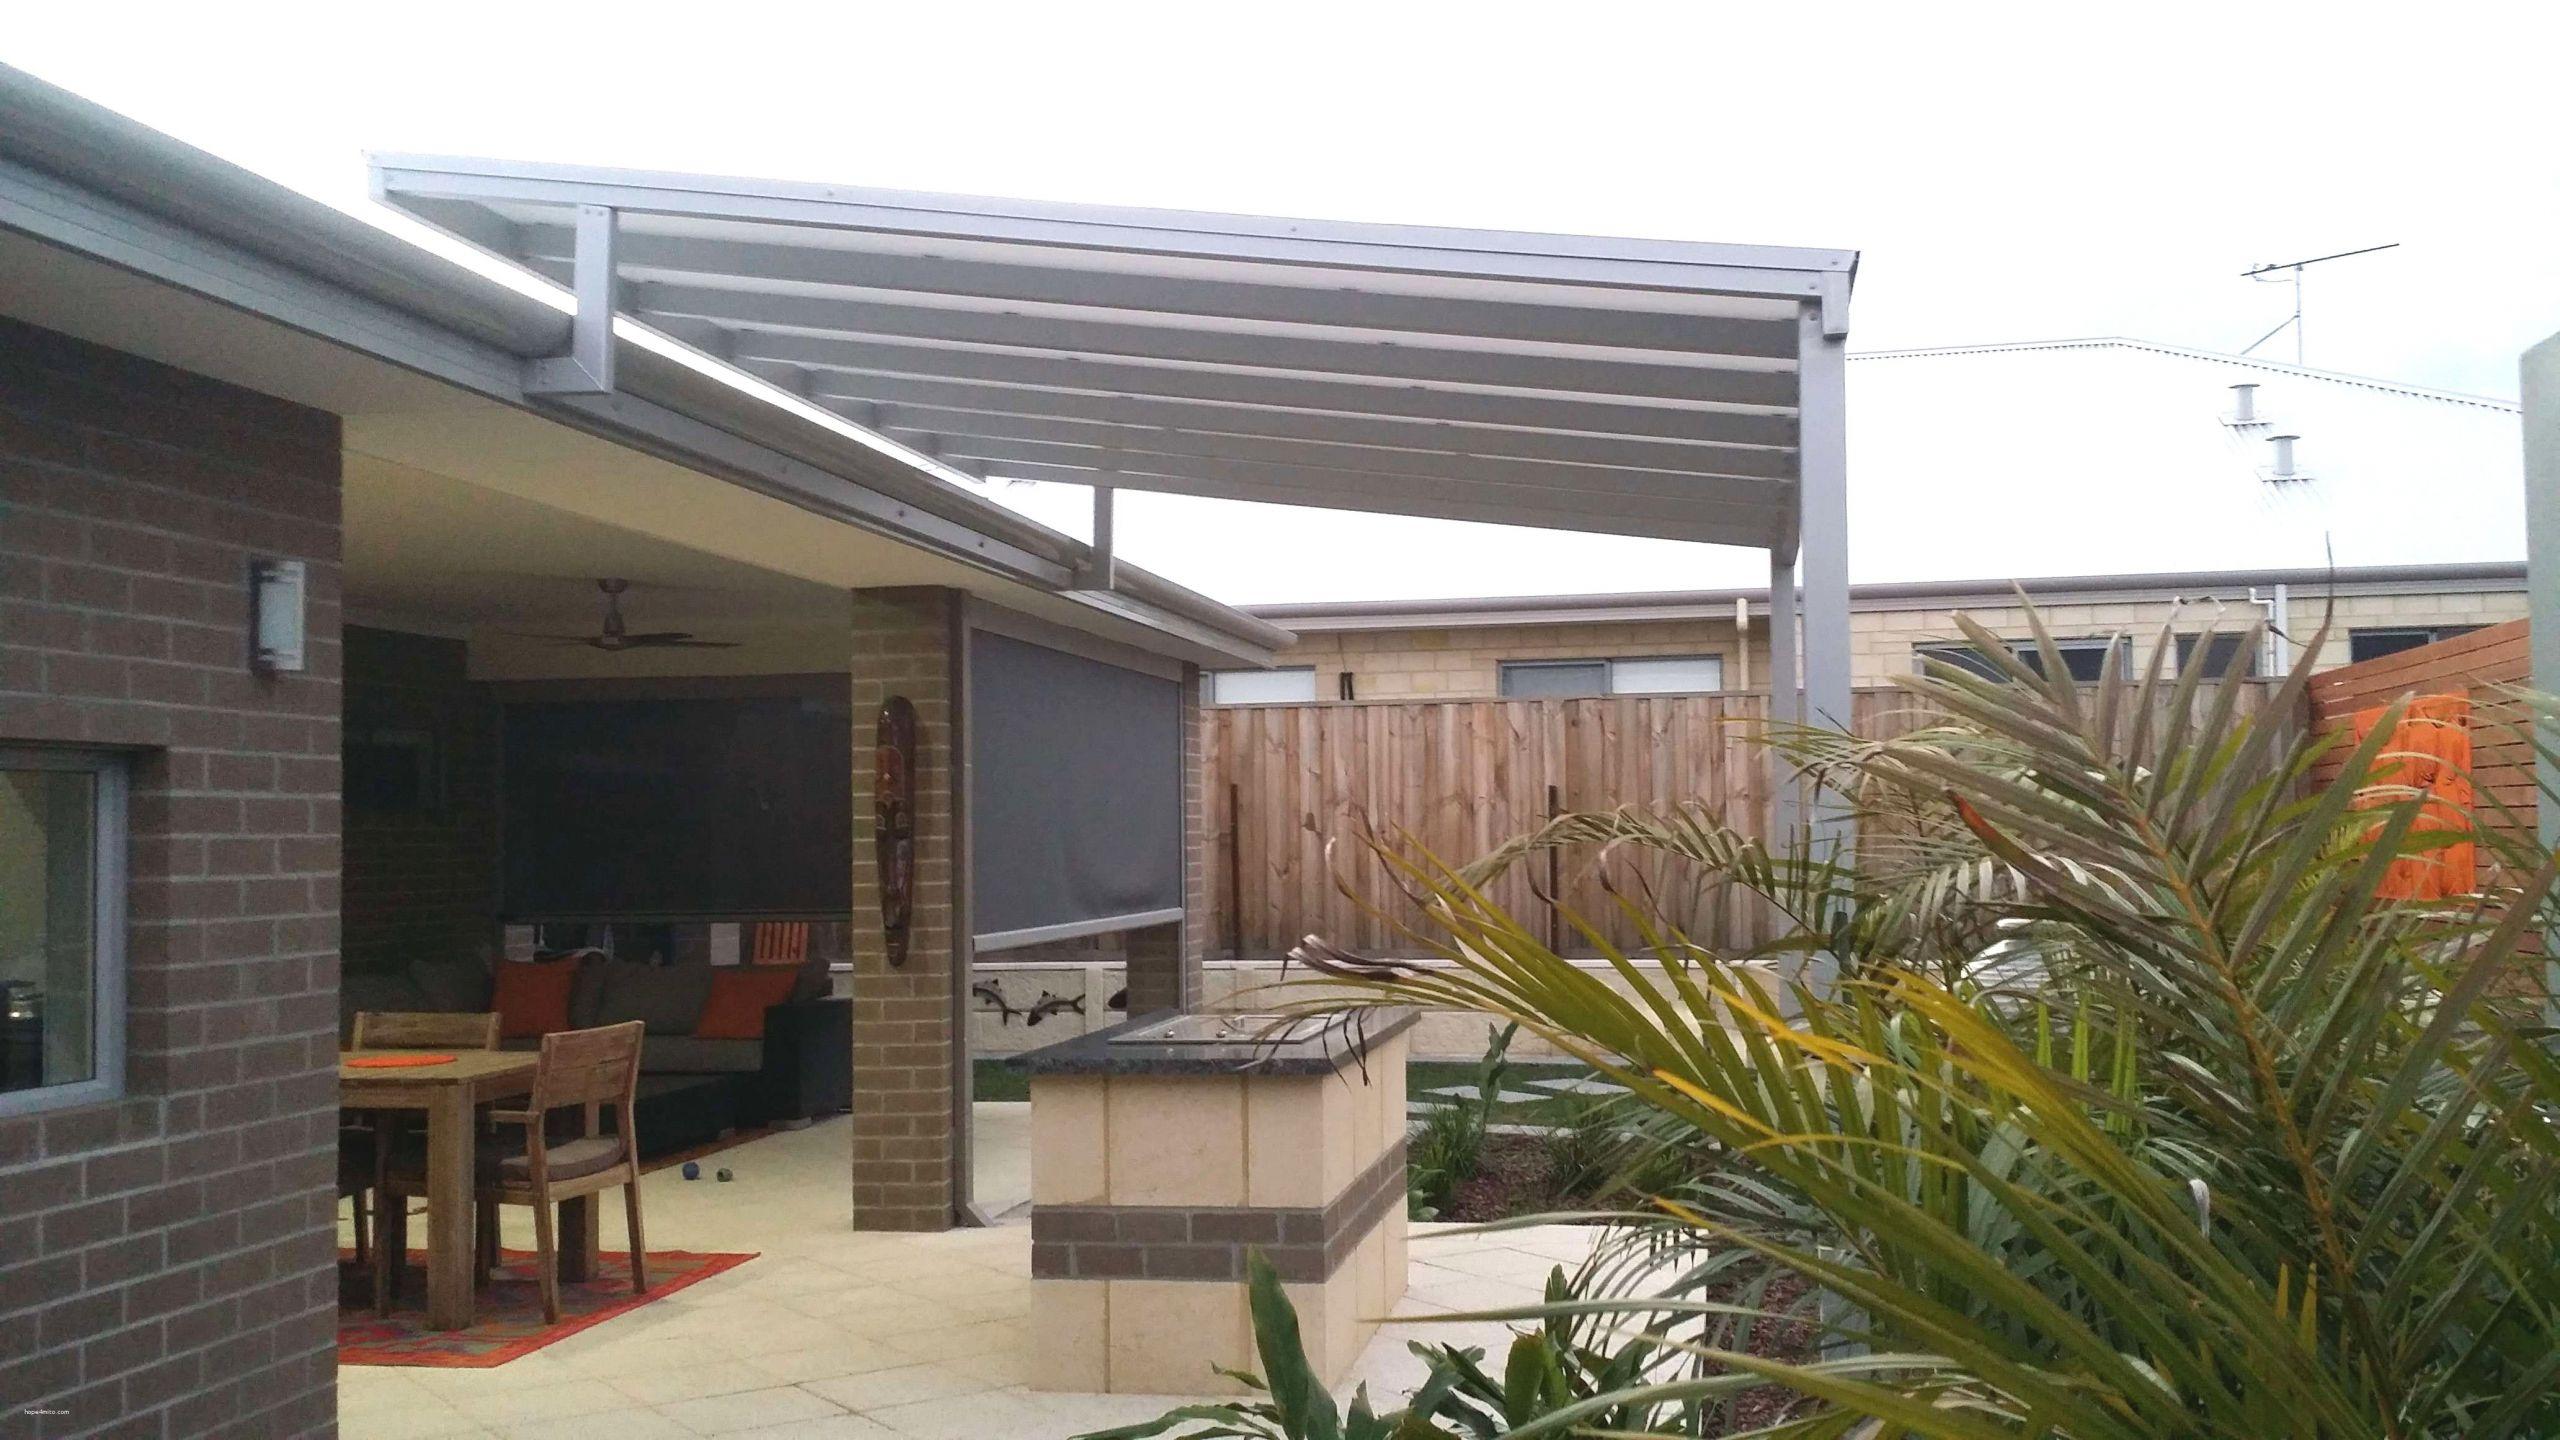 terrassen beispiele garten mit 40 einzigartig garten planen beispiele hope4mito 17 und planen software sonnenschutz jalousie 0d design schon garten planen beispiele of garten planen beispiele mit